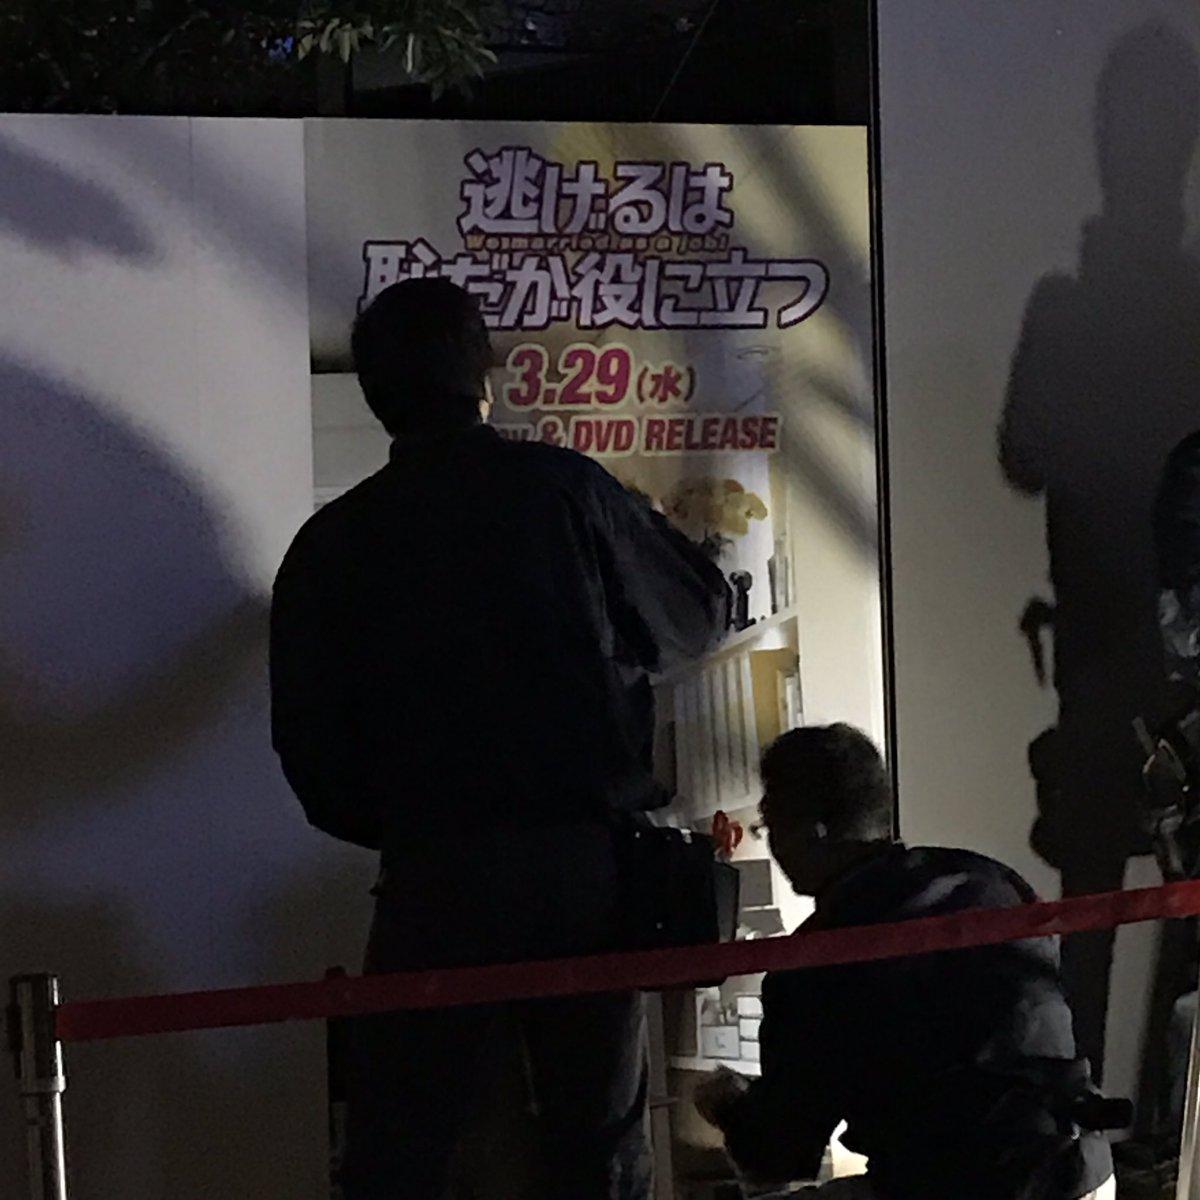 み、みなさん!! 赤坂に。TBSに!!! 逃げ恥が帰ってきましたよー!! #逃げ恥 #DVD #星野源 #tbs #新垣結衣